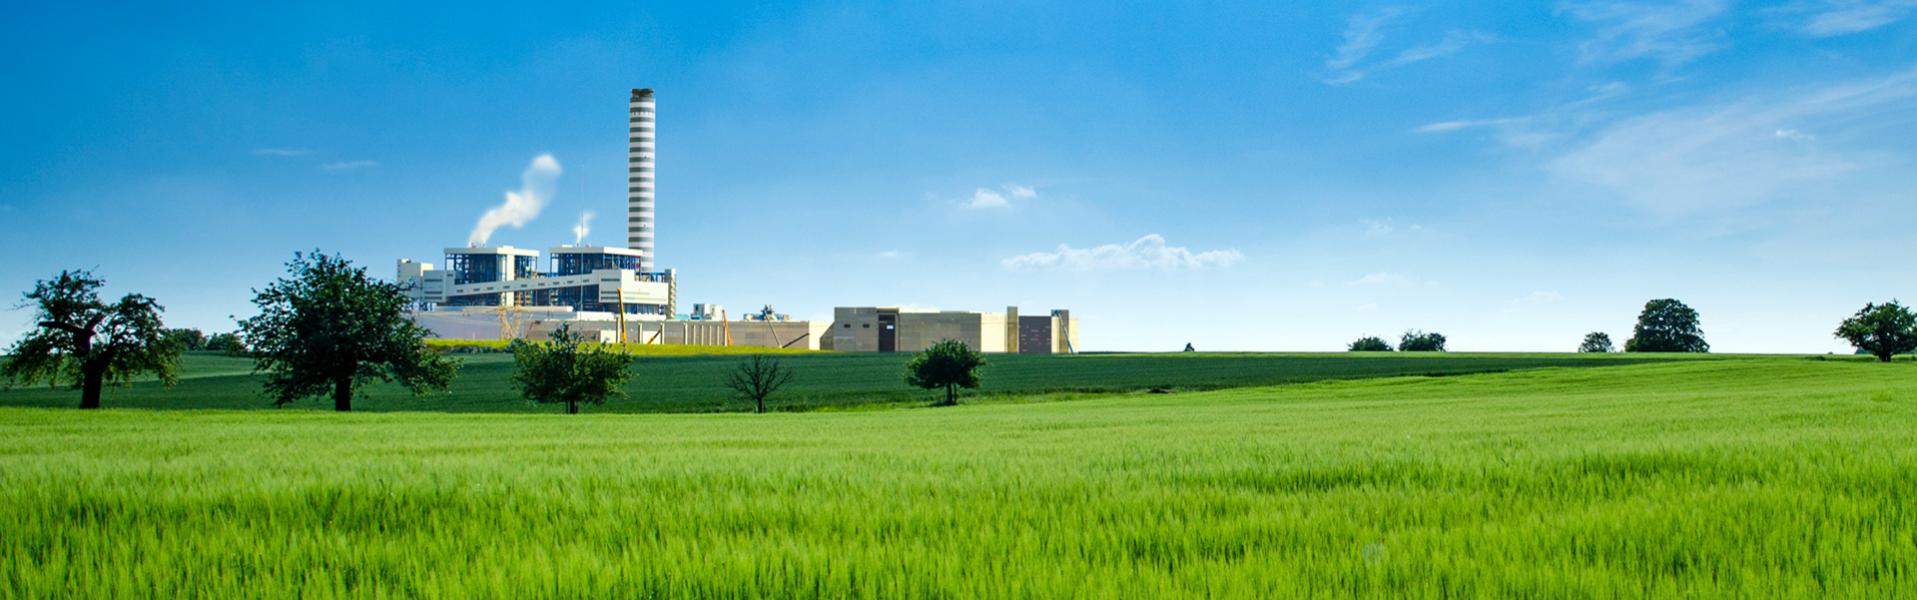 Une entreprise industrielle avec un champ d'herbes vertes au premier plan